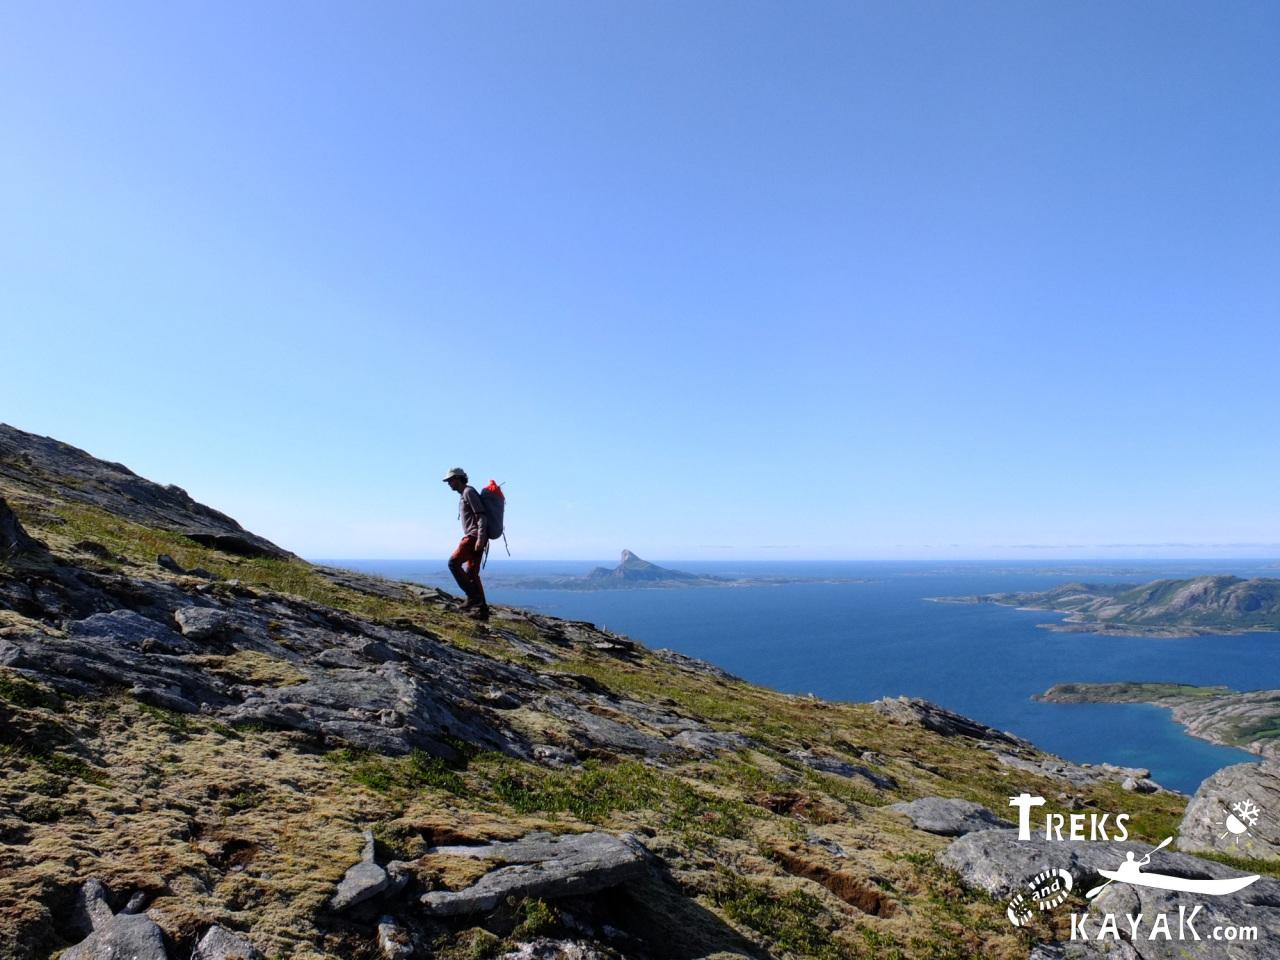 Le Cercle Polaire : L'immense Laponie, les Fjords et lesglaciers